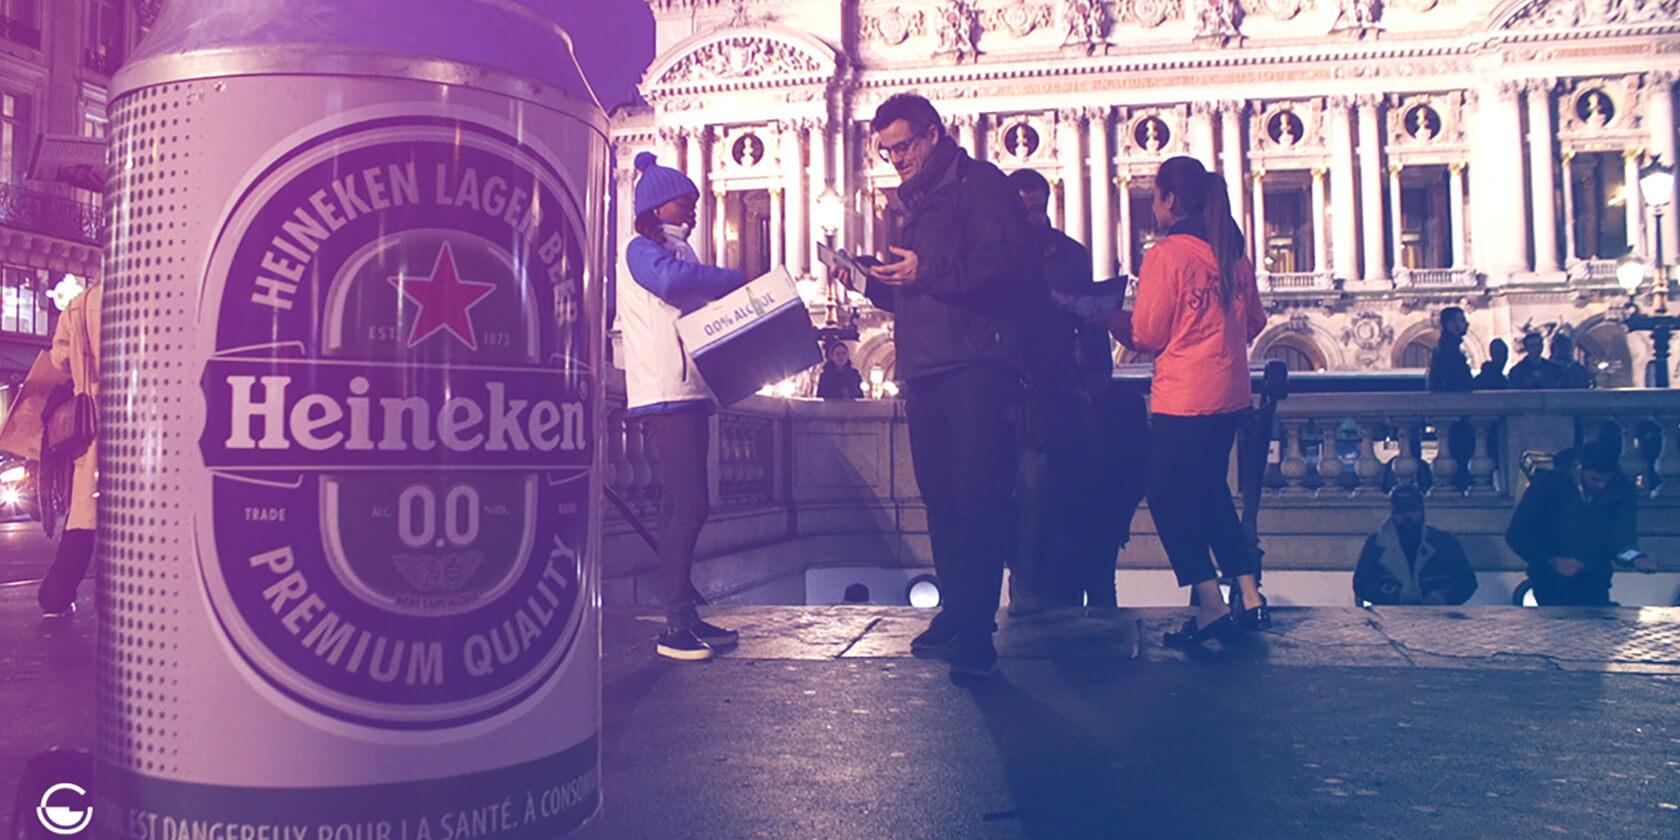 Street Marketing Heineken 0.0 - Globe Activation